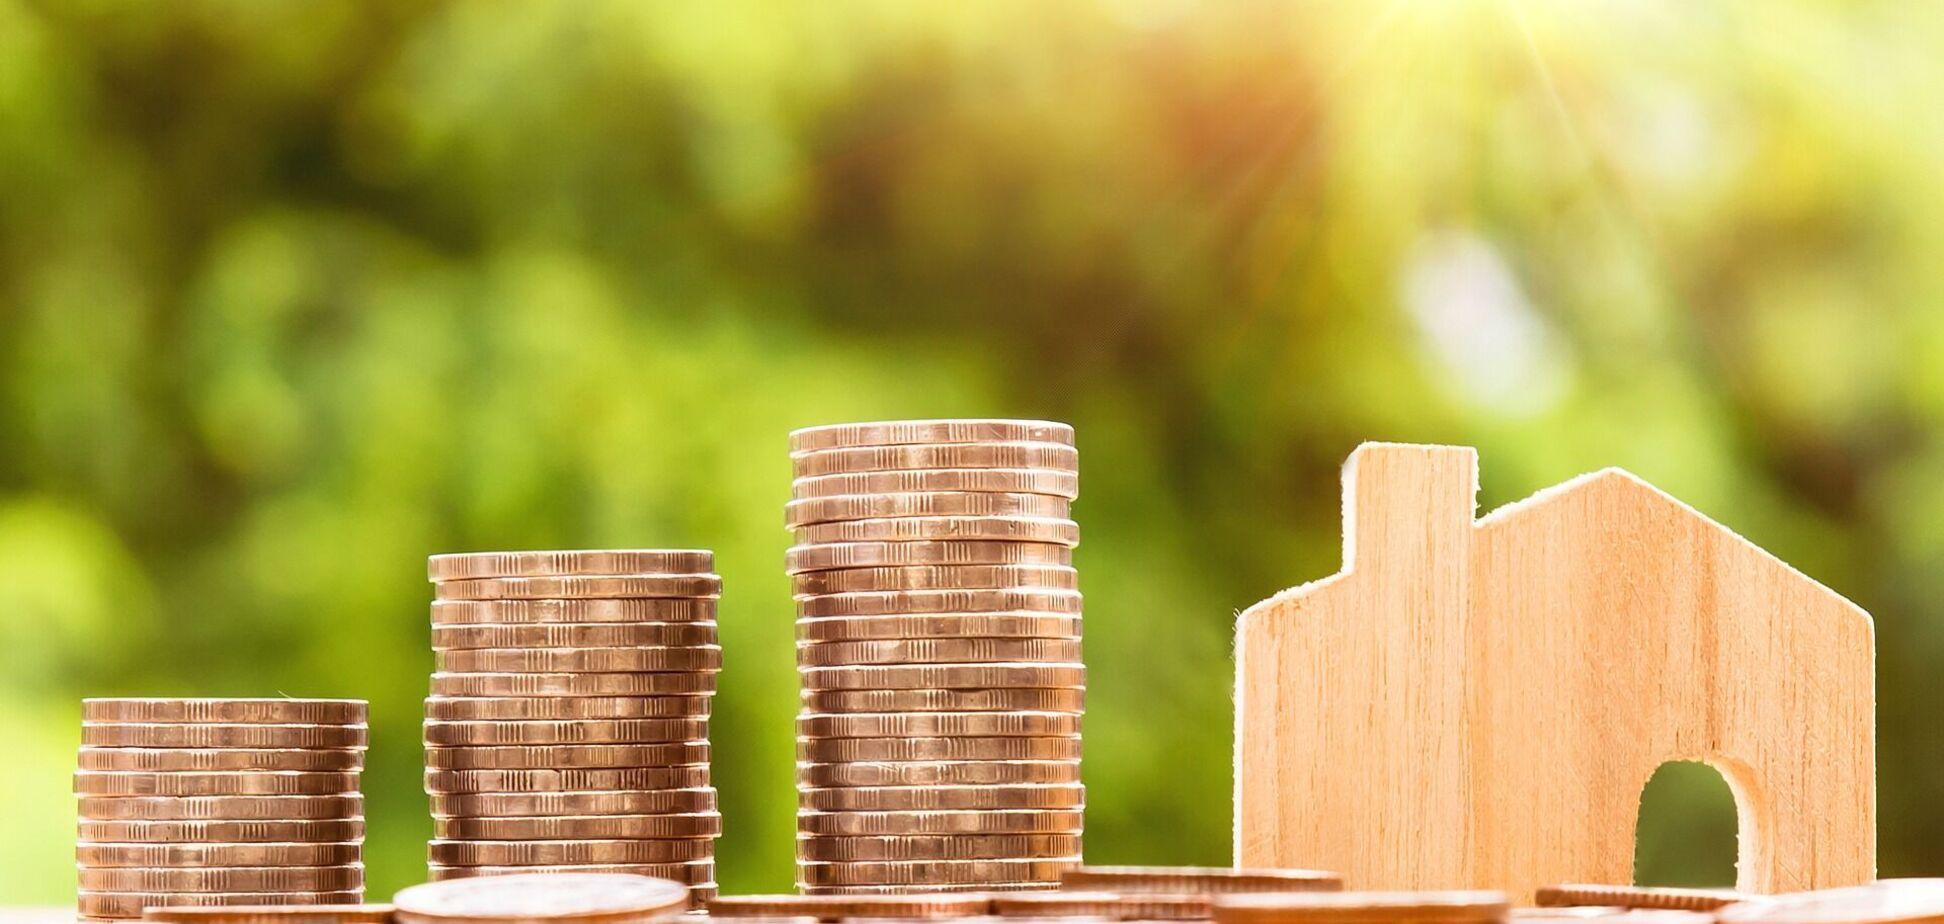 Цены на жилье в Украине достигнут пика осенью: как изменится стоимость квартир